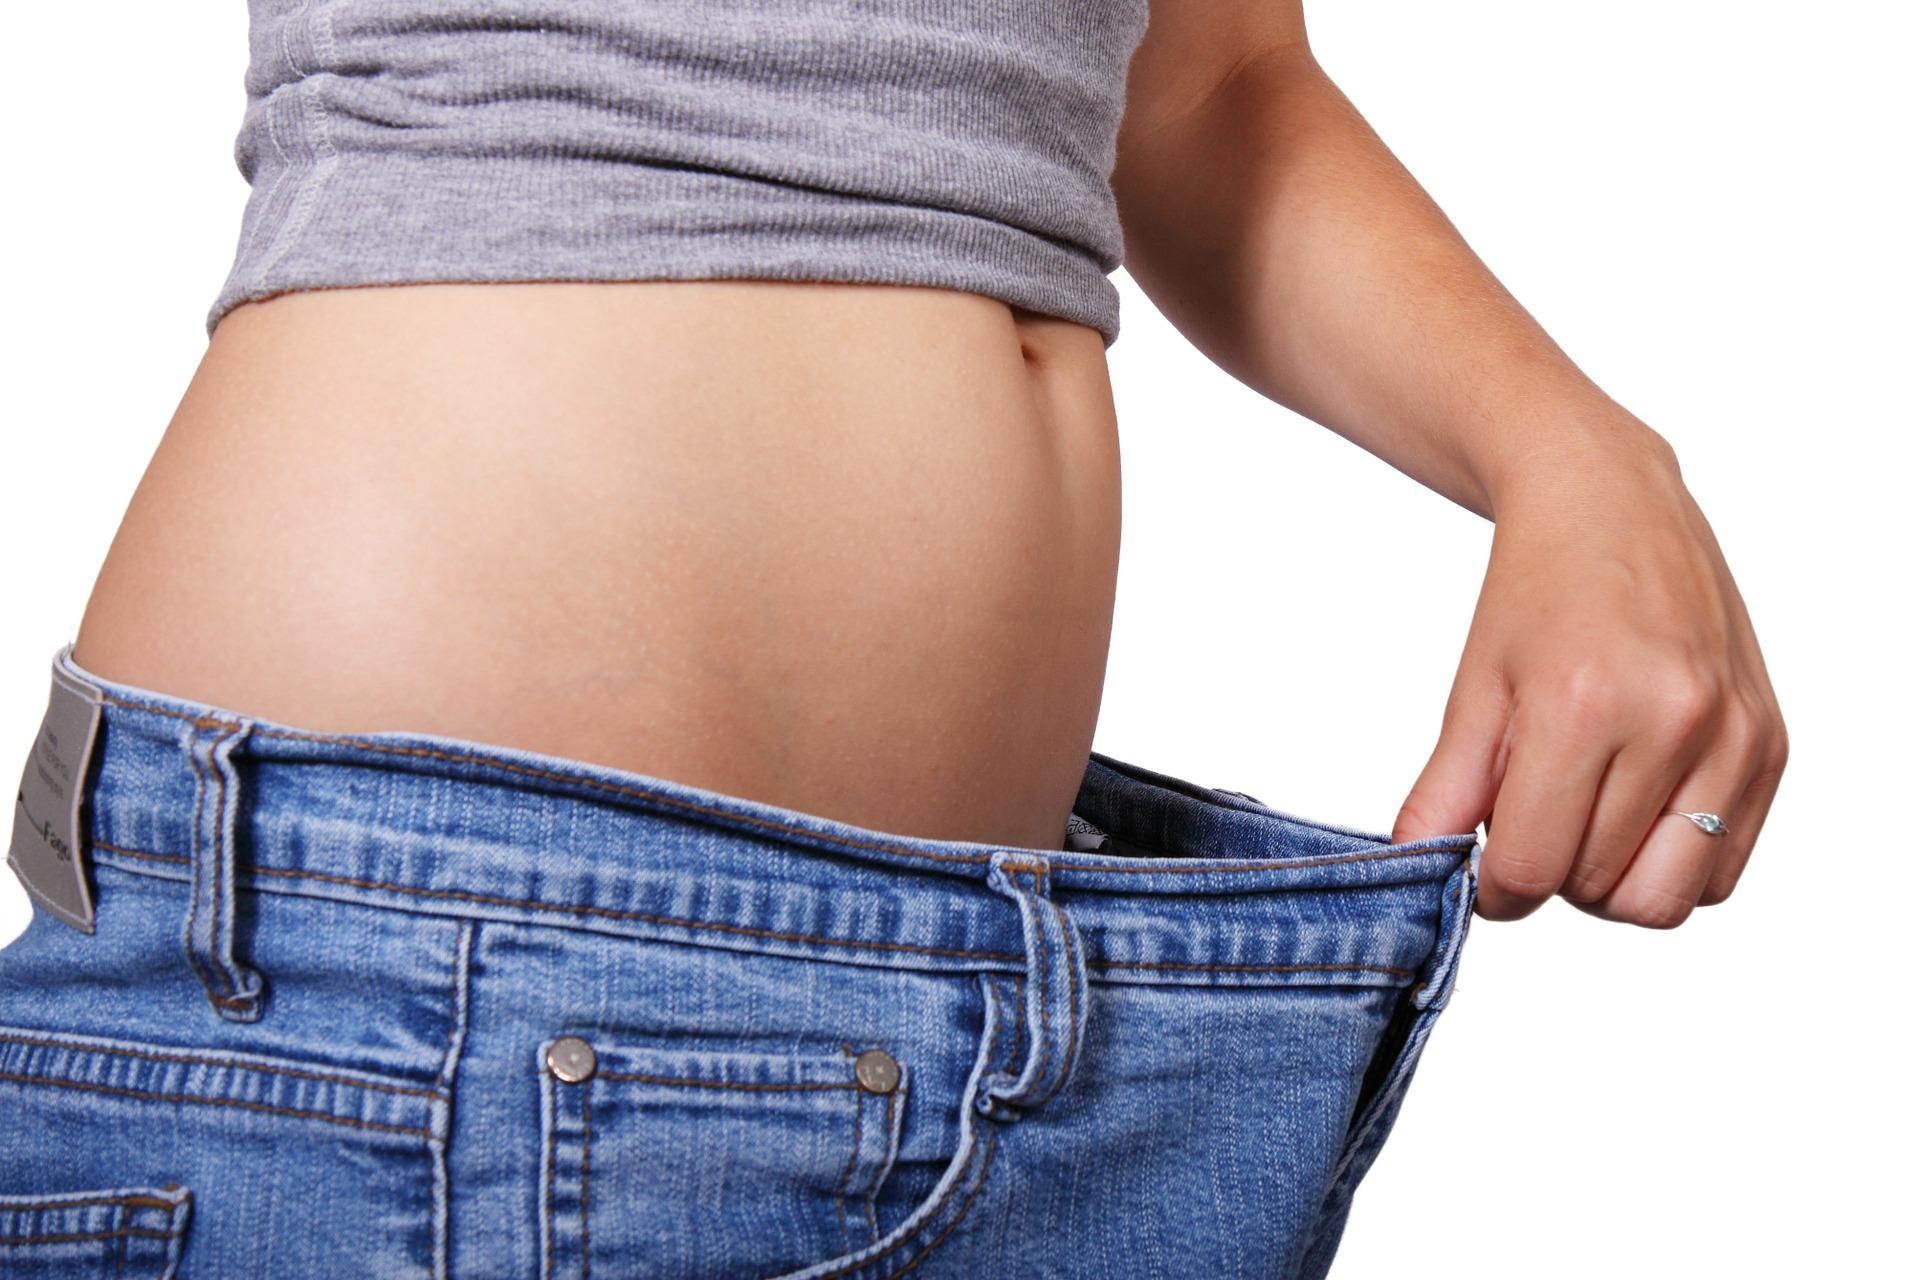 痩身エステは効果ある?の画像